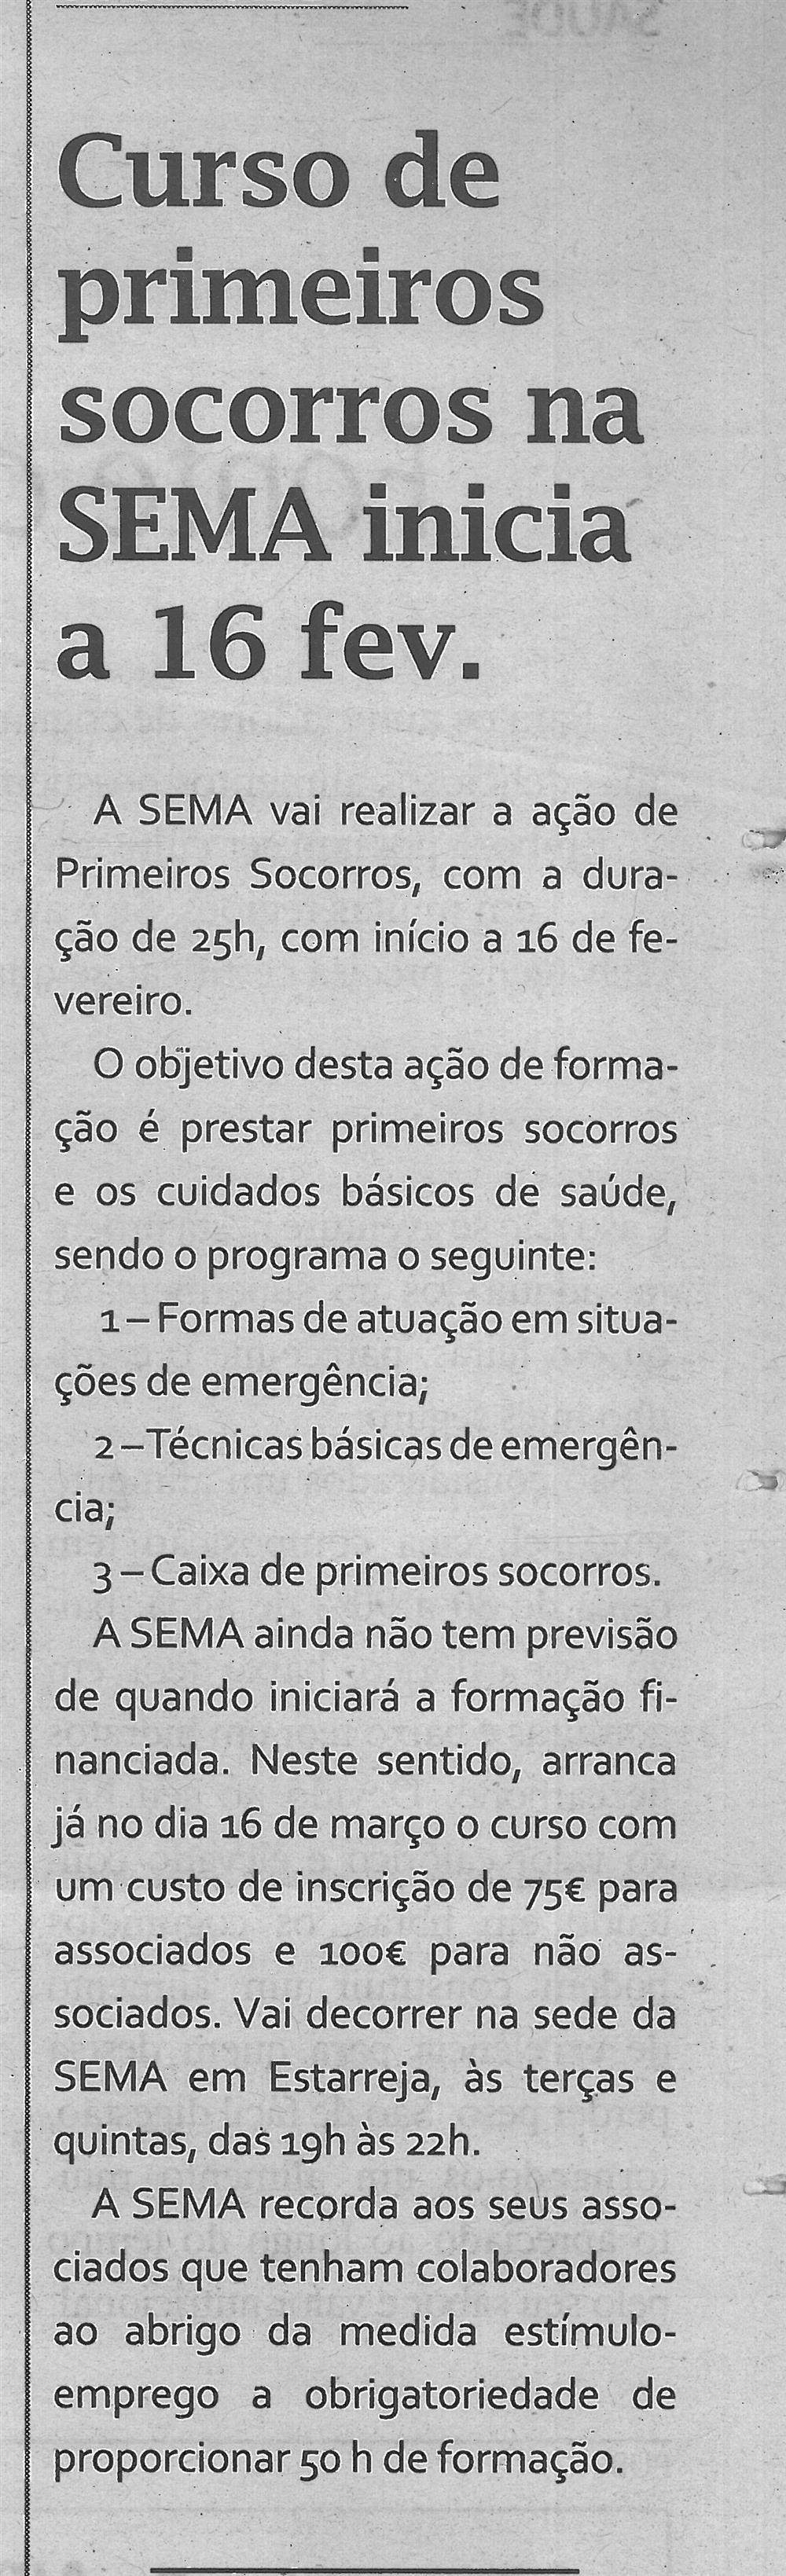 TV-fev.'16-p.13-Curso de primeiros socorros na SEMA inicia a 16 fevereiro.jpg